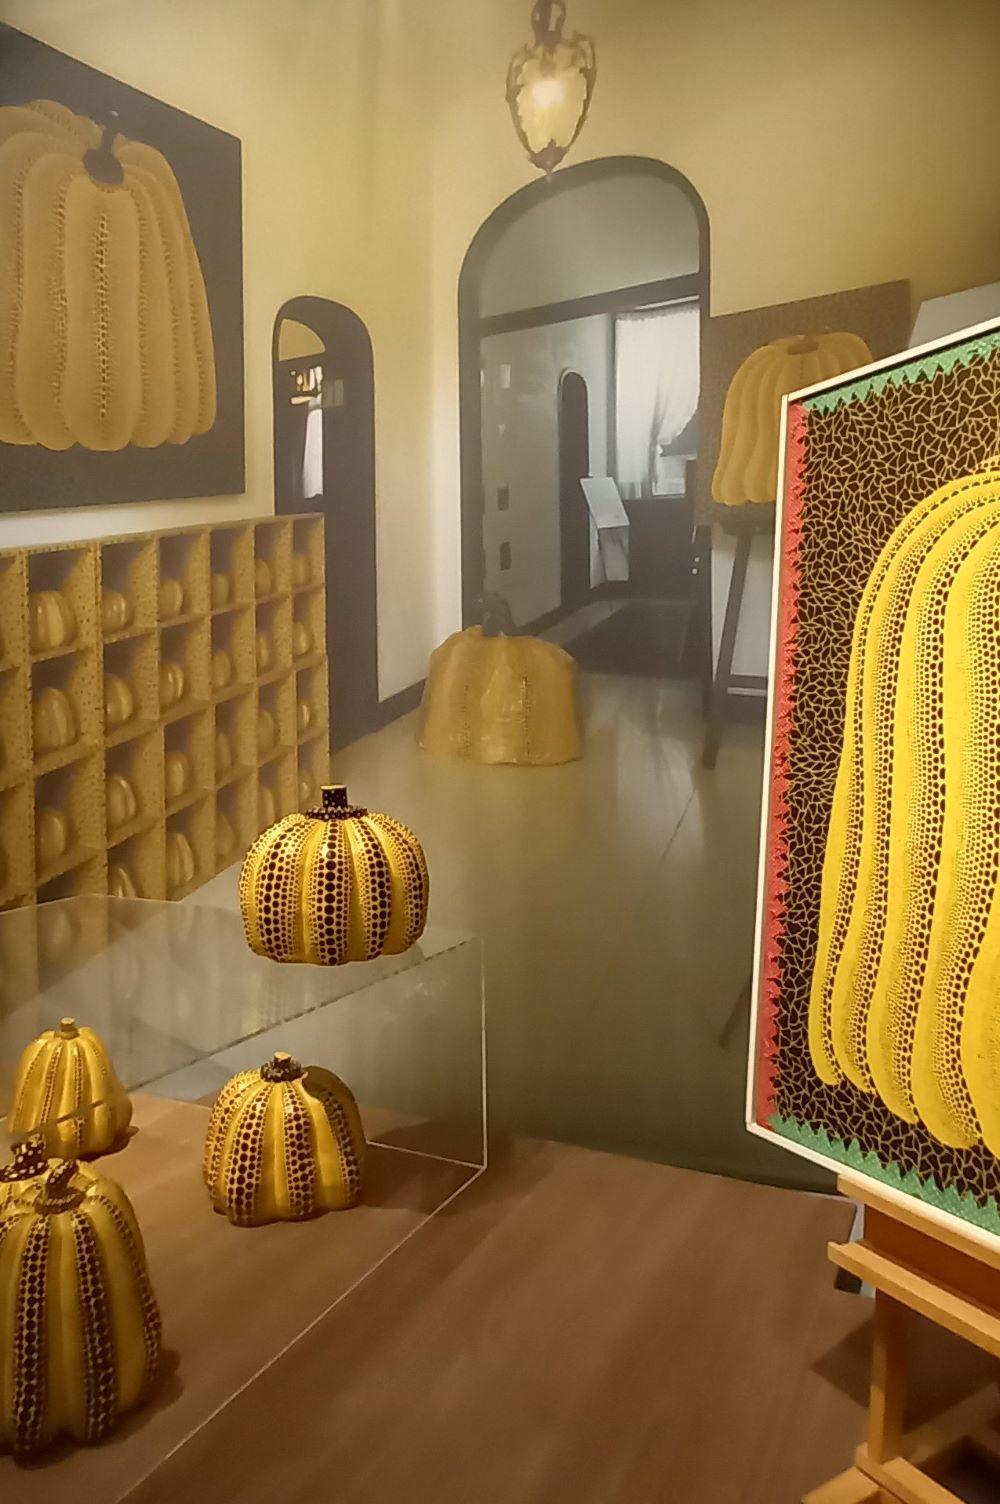 Kürbisraum - Installation von Yayoi Kusama im Martin Gropius Bau